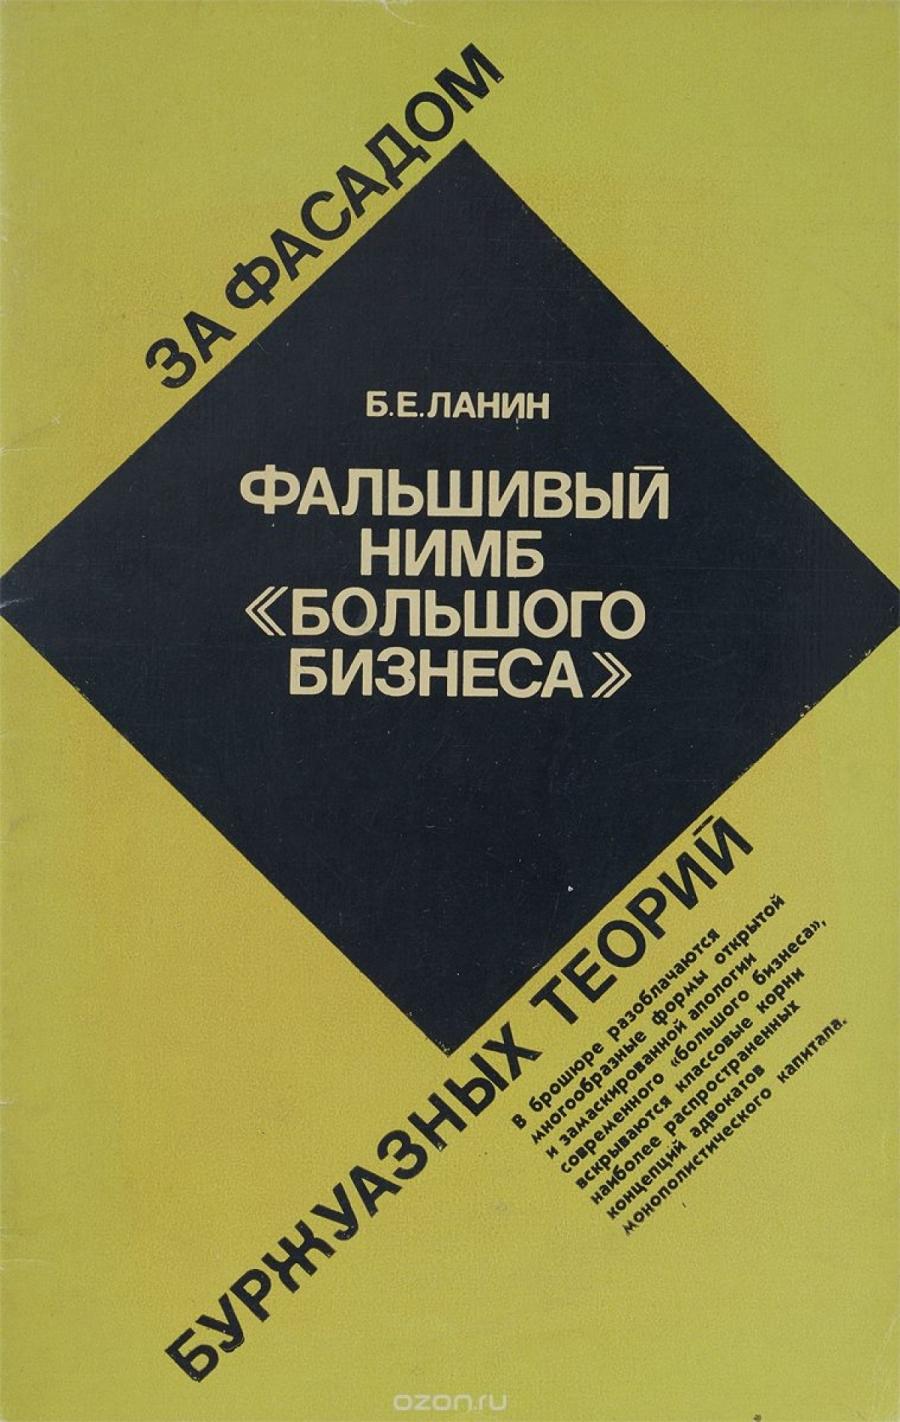 Обложка книги:  ланин борис евсеевич - фальшивый нимб «большого бизнеса»